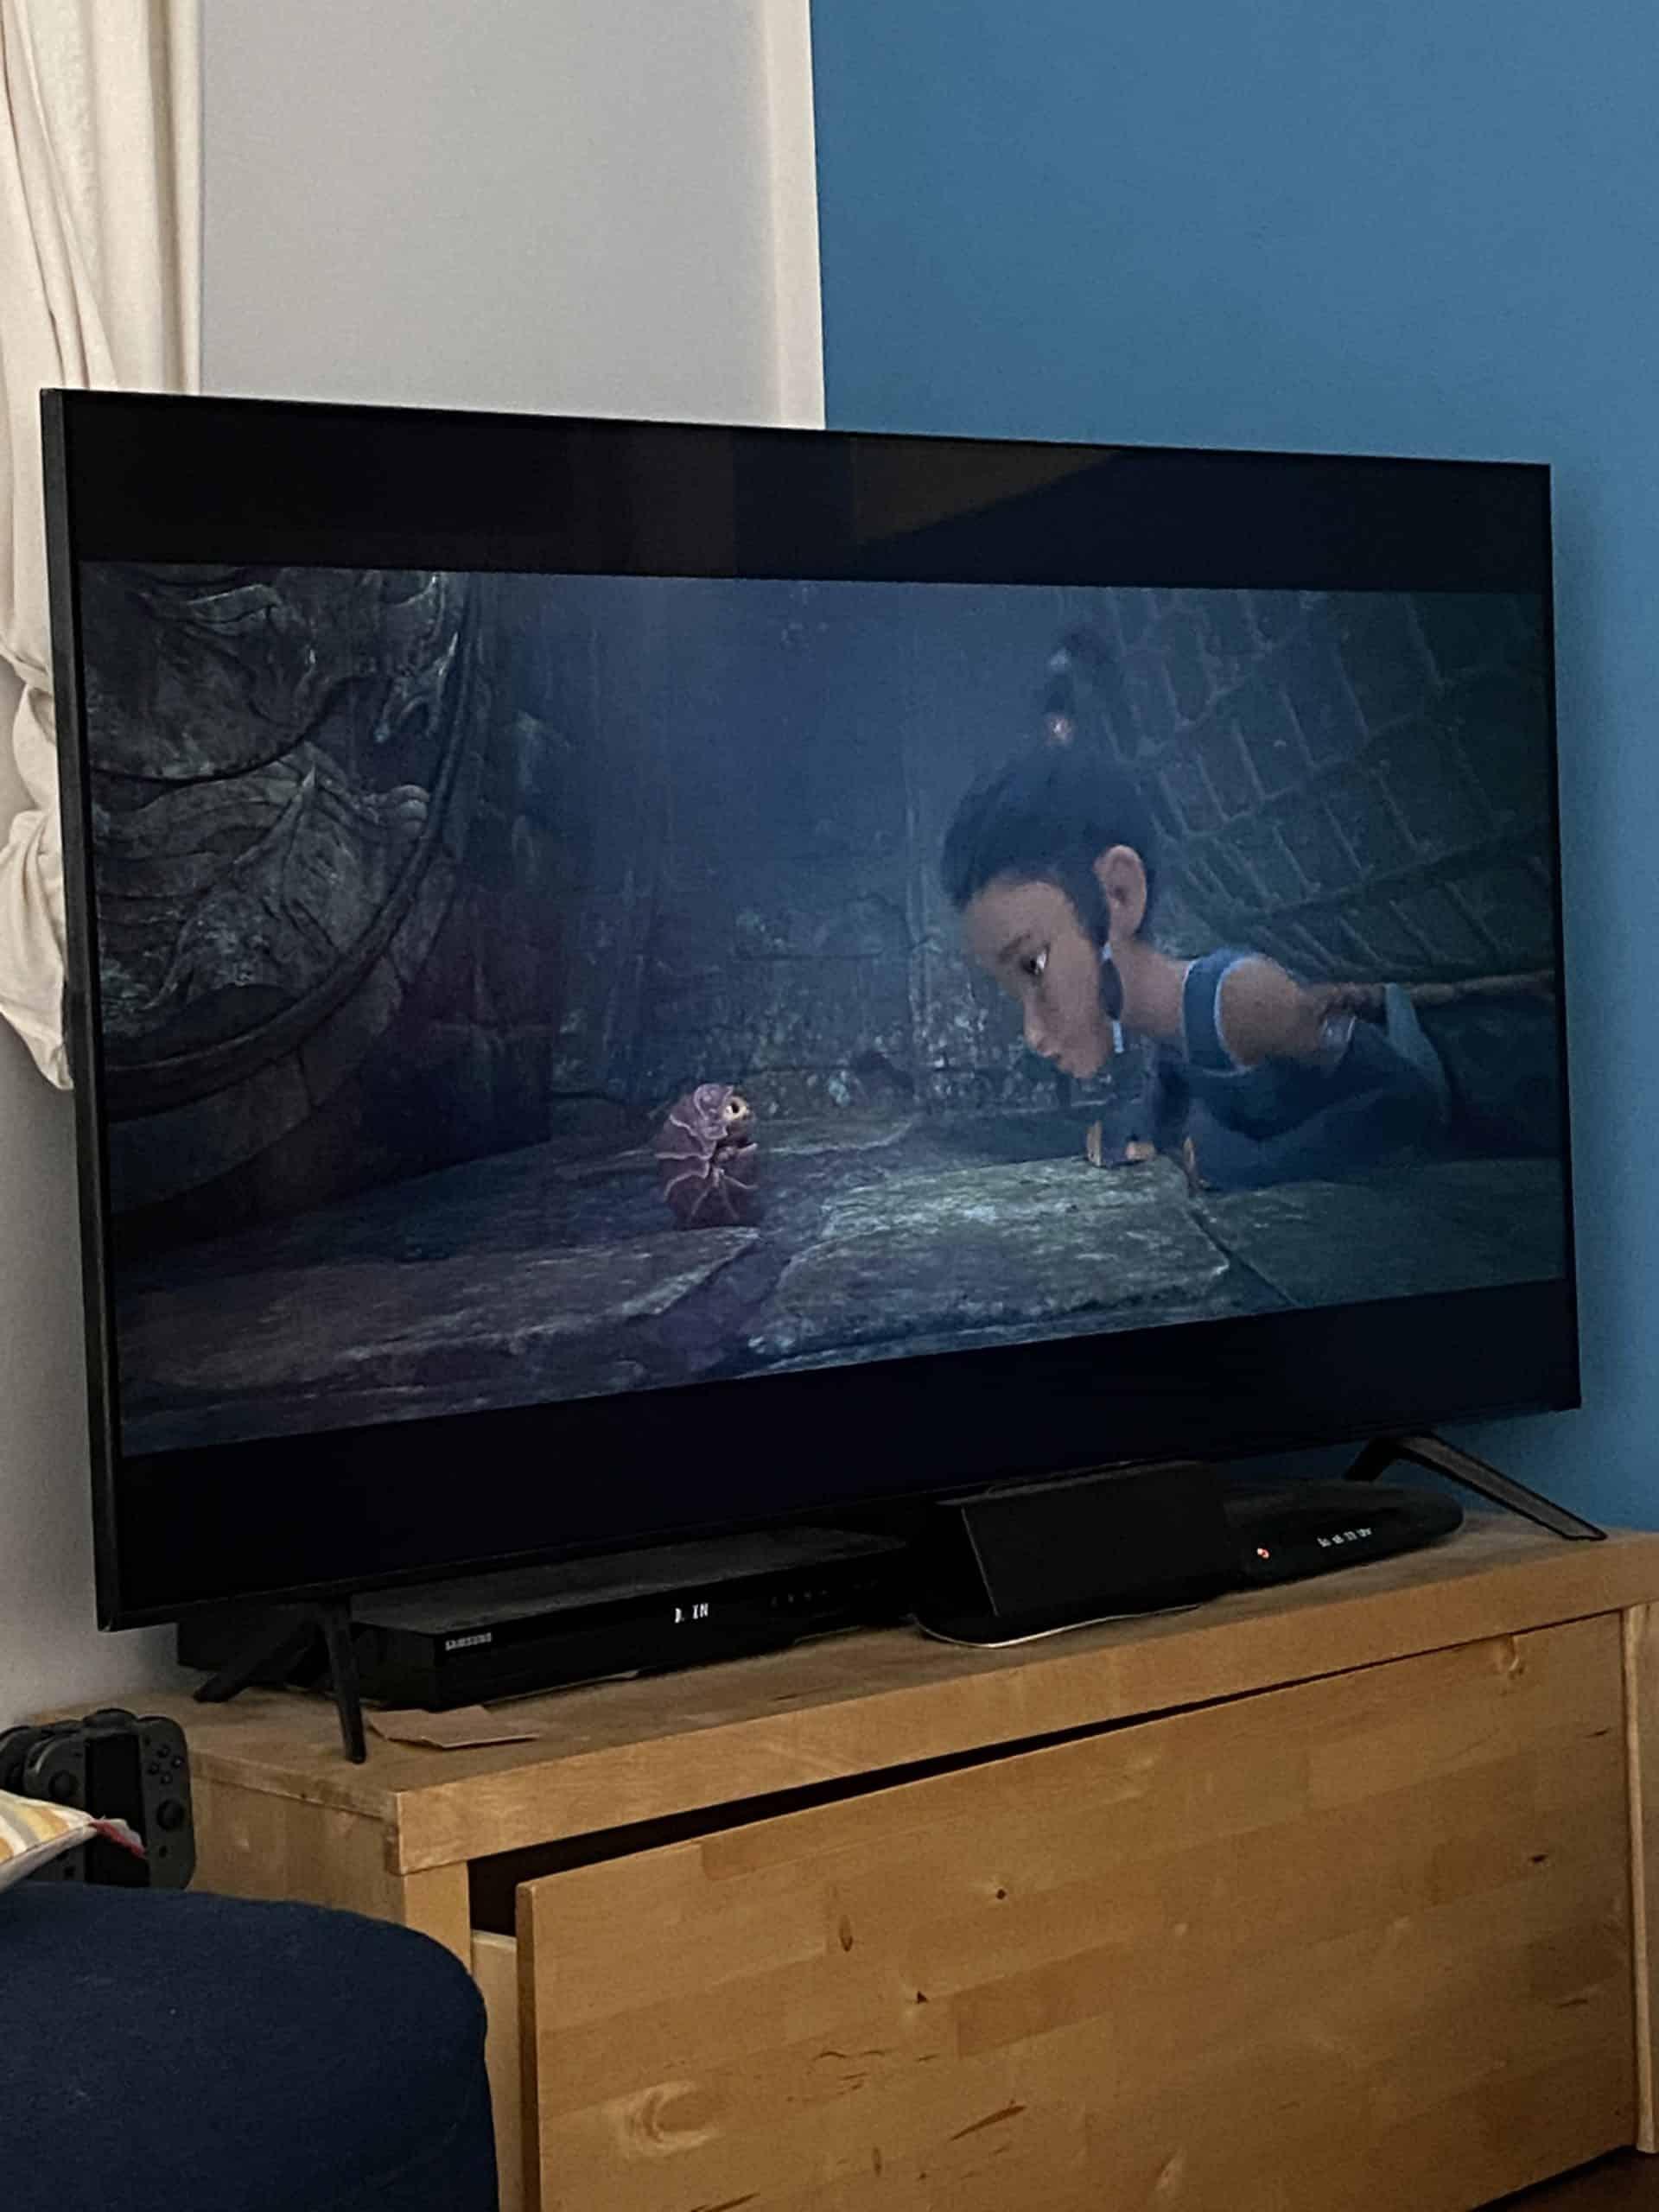 Als Familienfilm daheim gibt es Raya und der letzte Drache. Gefällt uns sehr gut der Film.